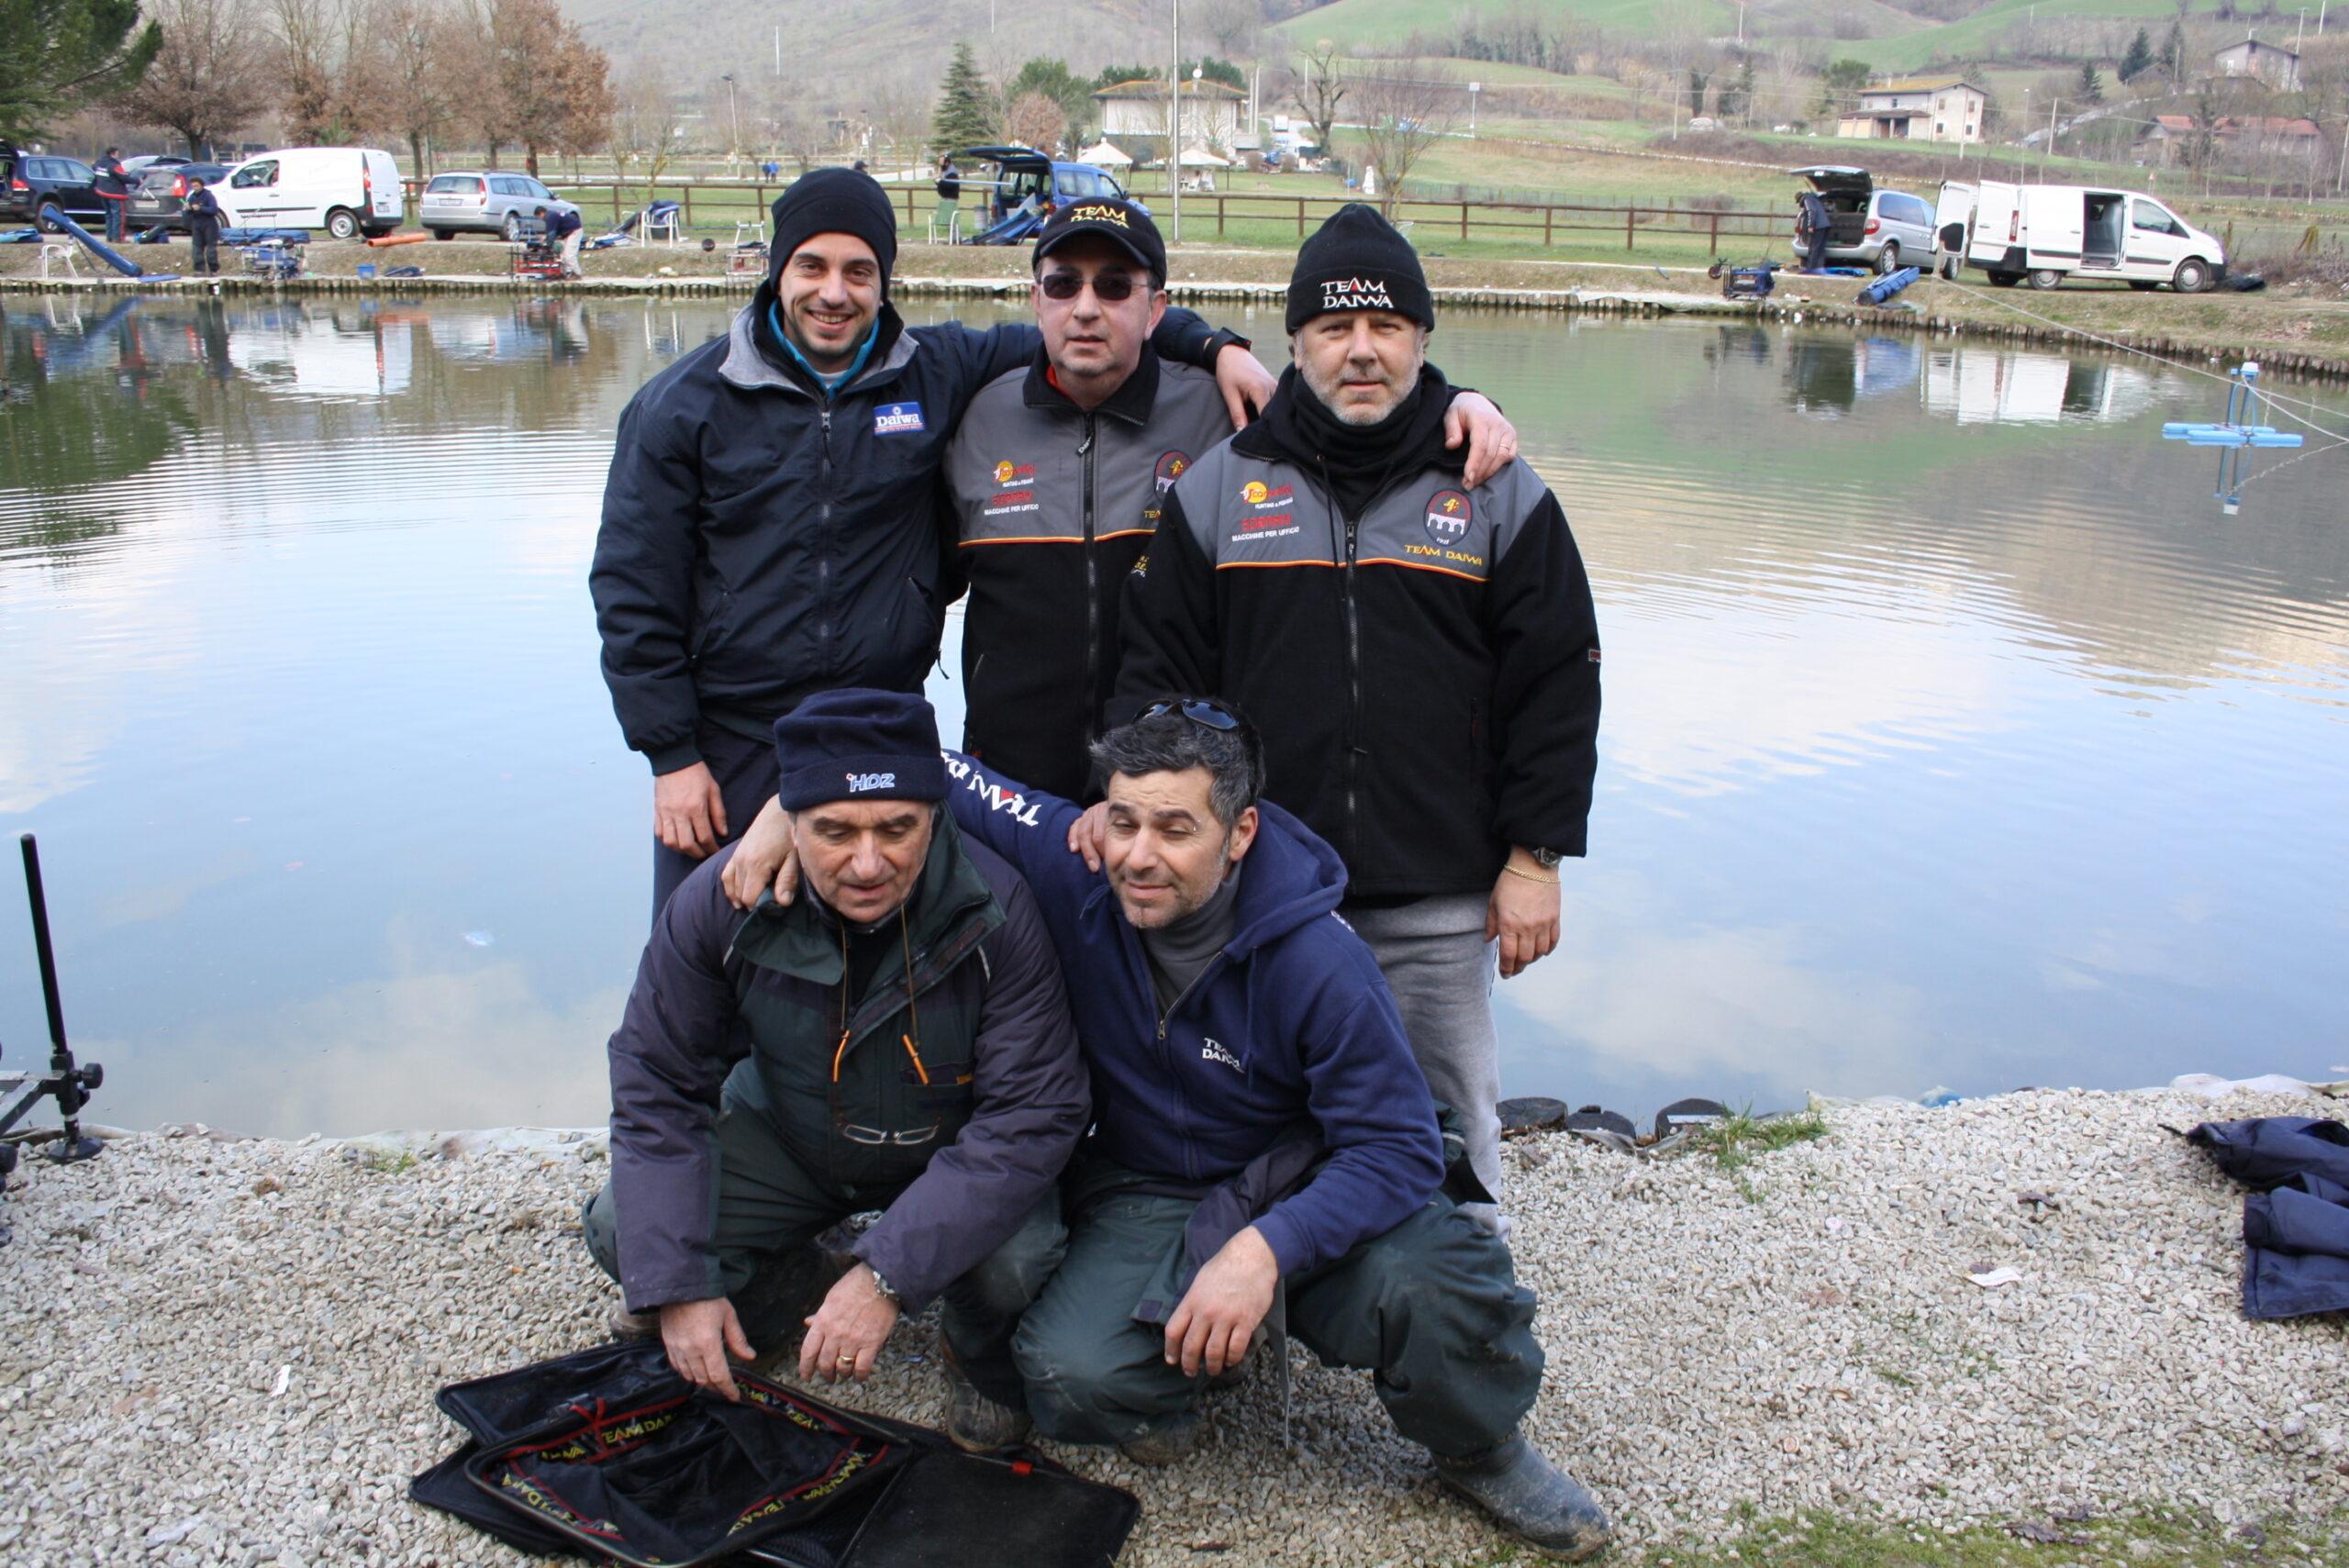 lago pitone 7-2-10 147